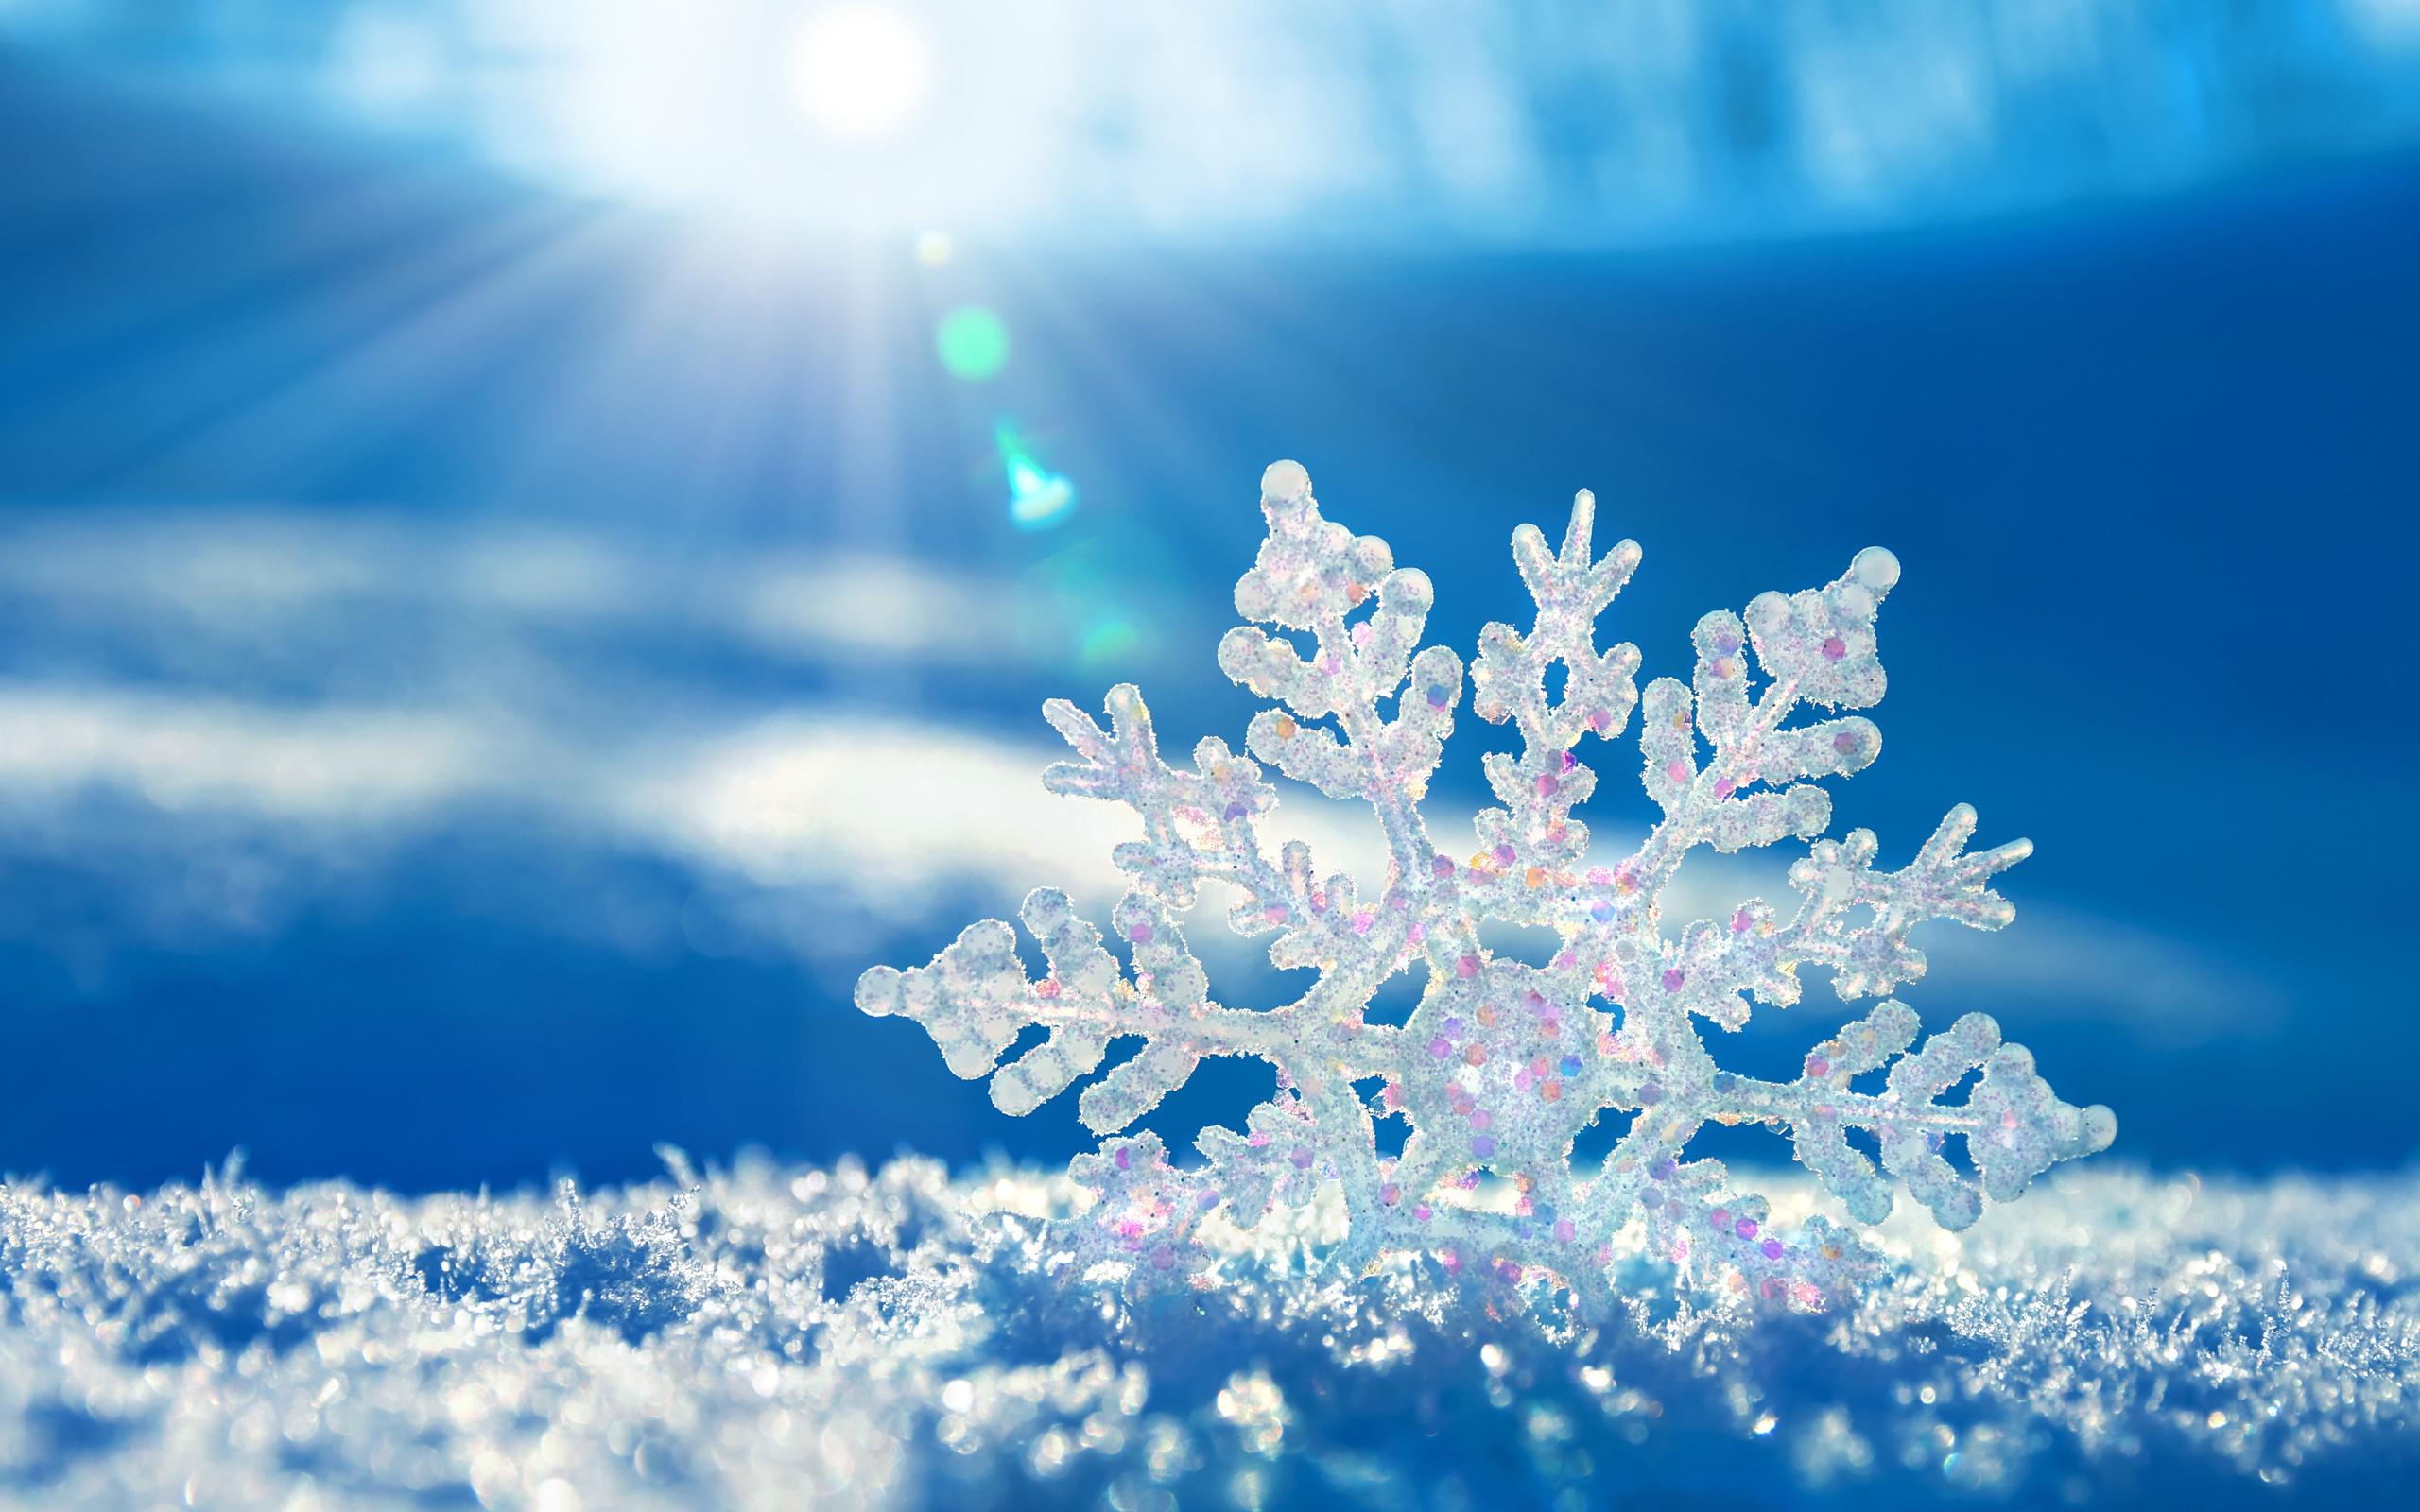 Подборка красивых зимних фонов для презентаций